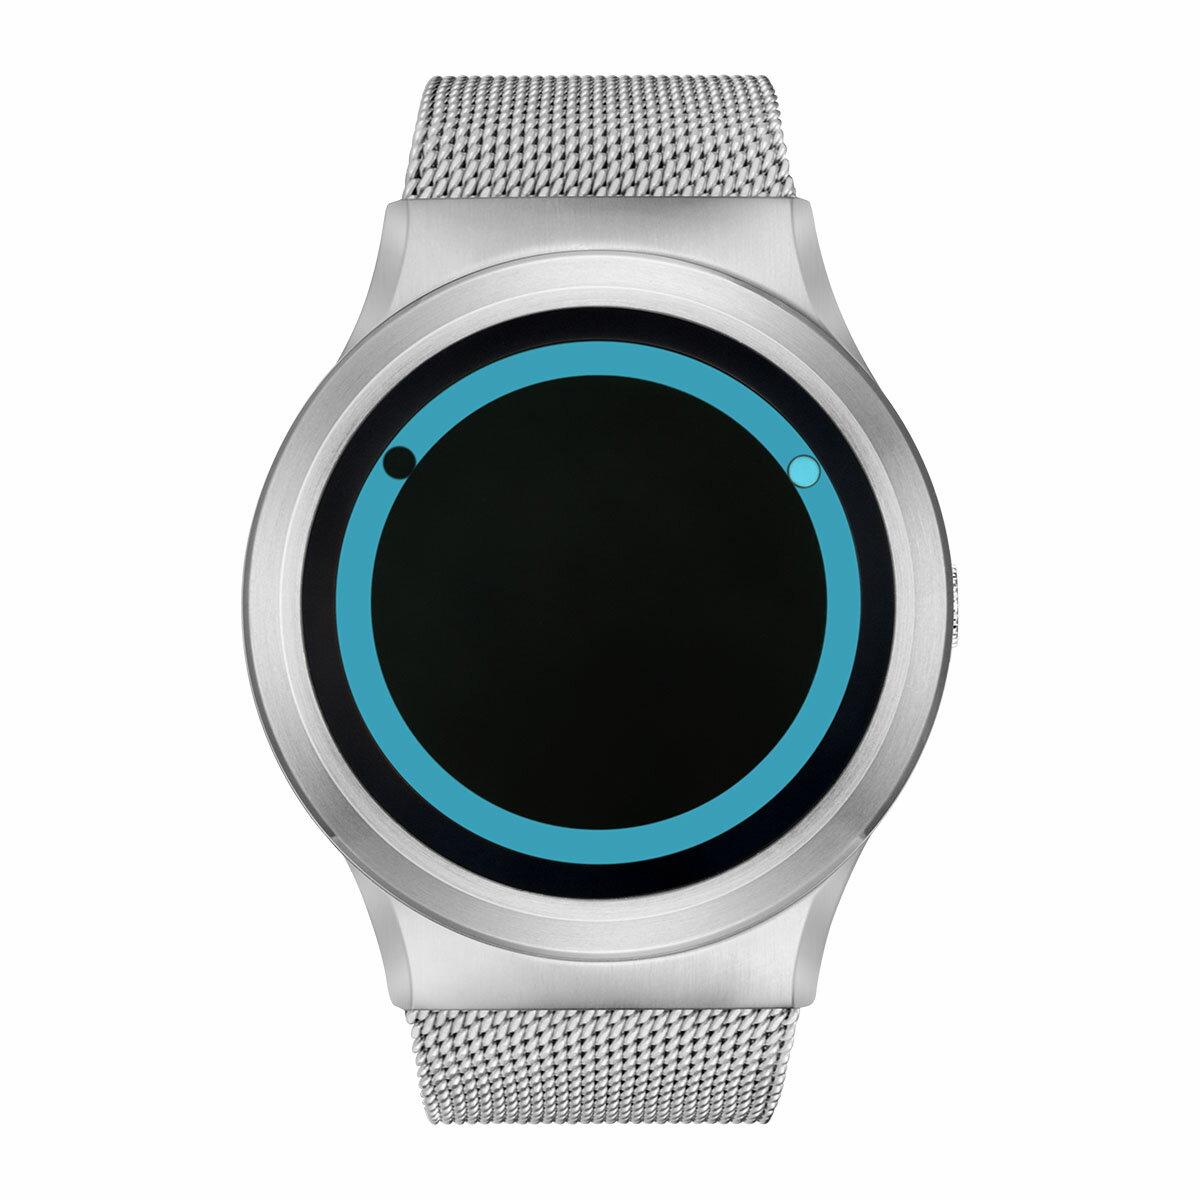 ZEROO PLANET ECLIPSE ゼロ 電池式クォーツ 腕時計 [W13027B01SM01] ブルー デザインウォッチ ペア用 メンズ レディース ユニセックス おしゃれ時計 デザイナーズ